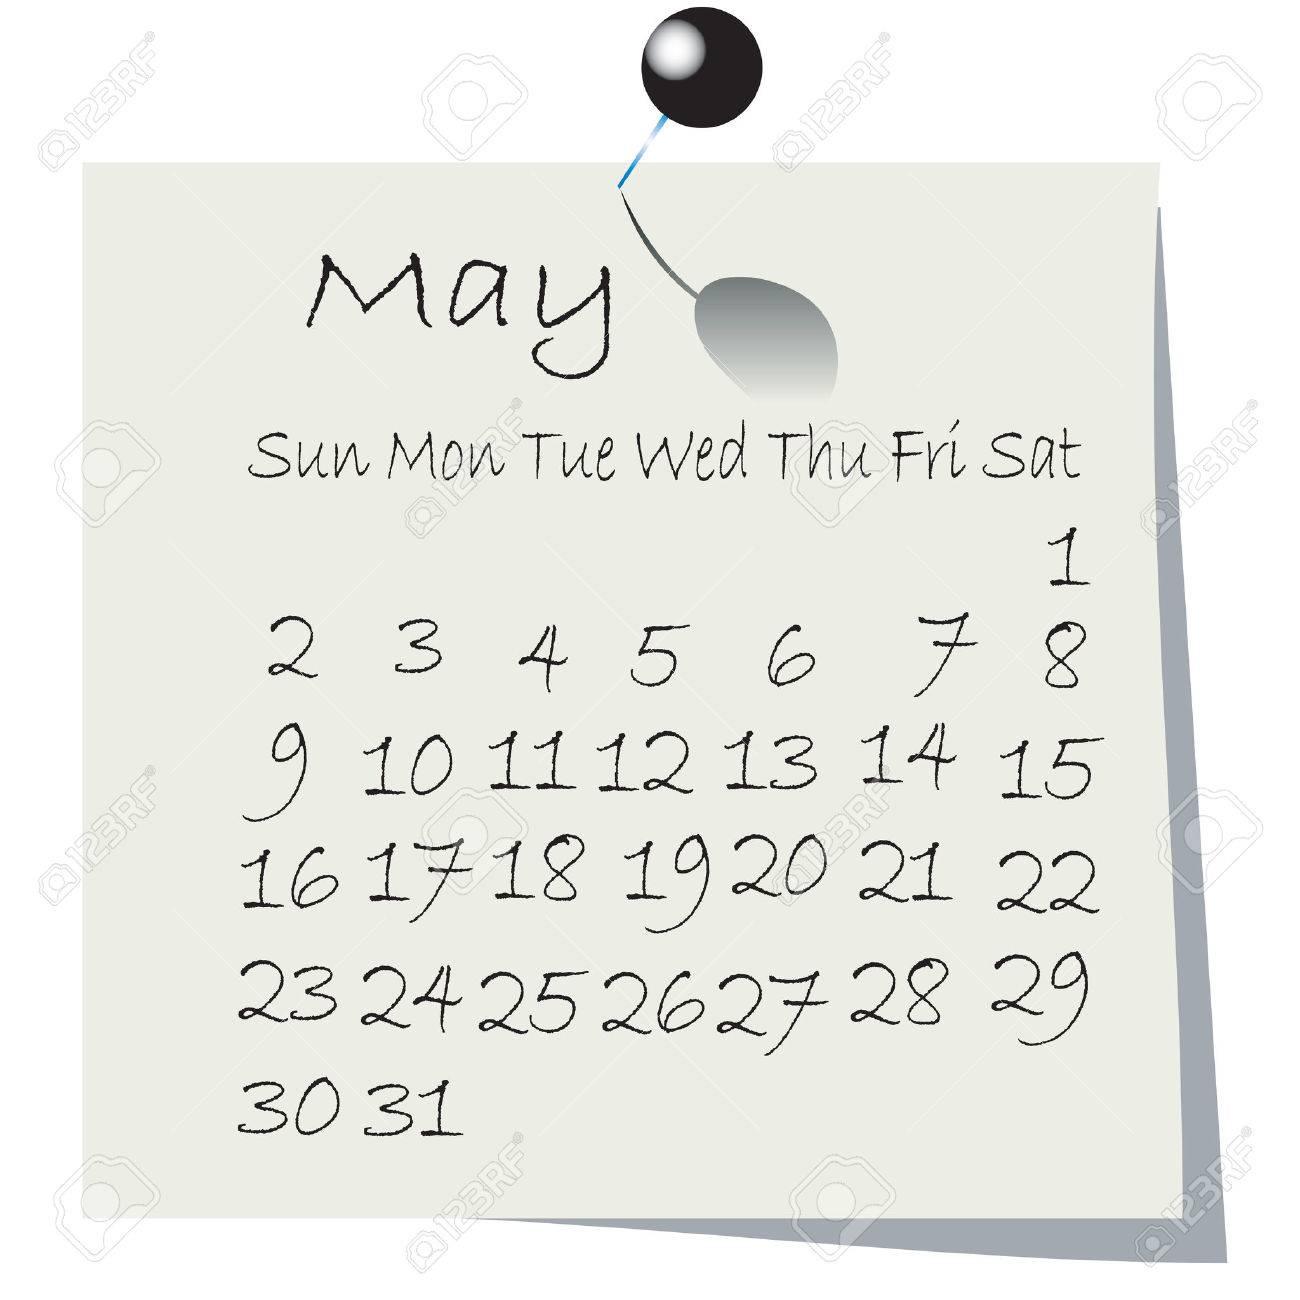 保持ピンで紙に手書き 10 年 5 月カレンダーのイラスト素材 ベクタ Image